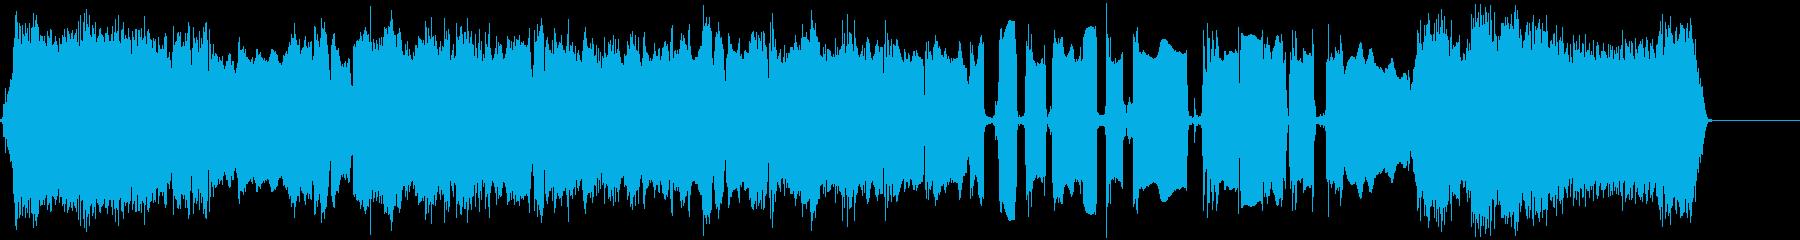 クールなエレキギターアイキャッチ4の再生済みの波形